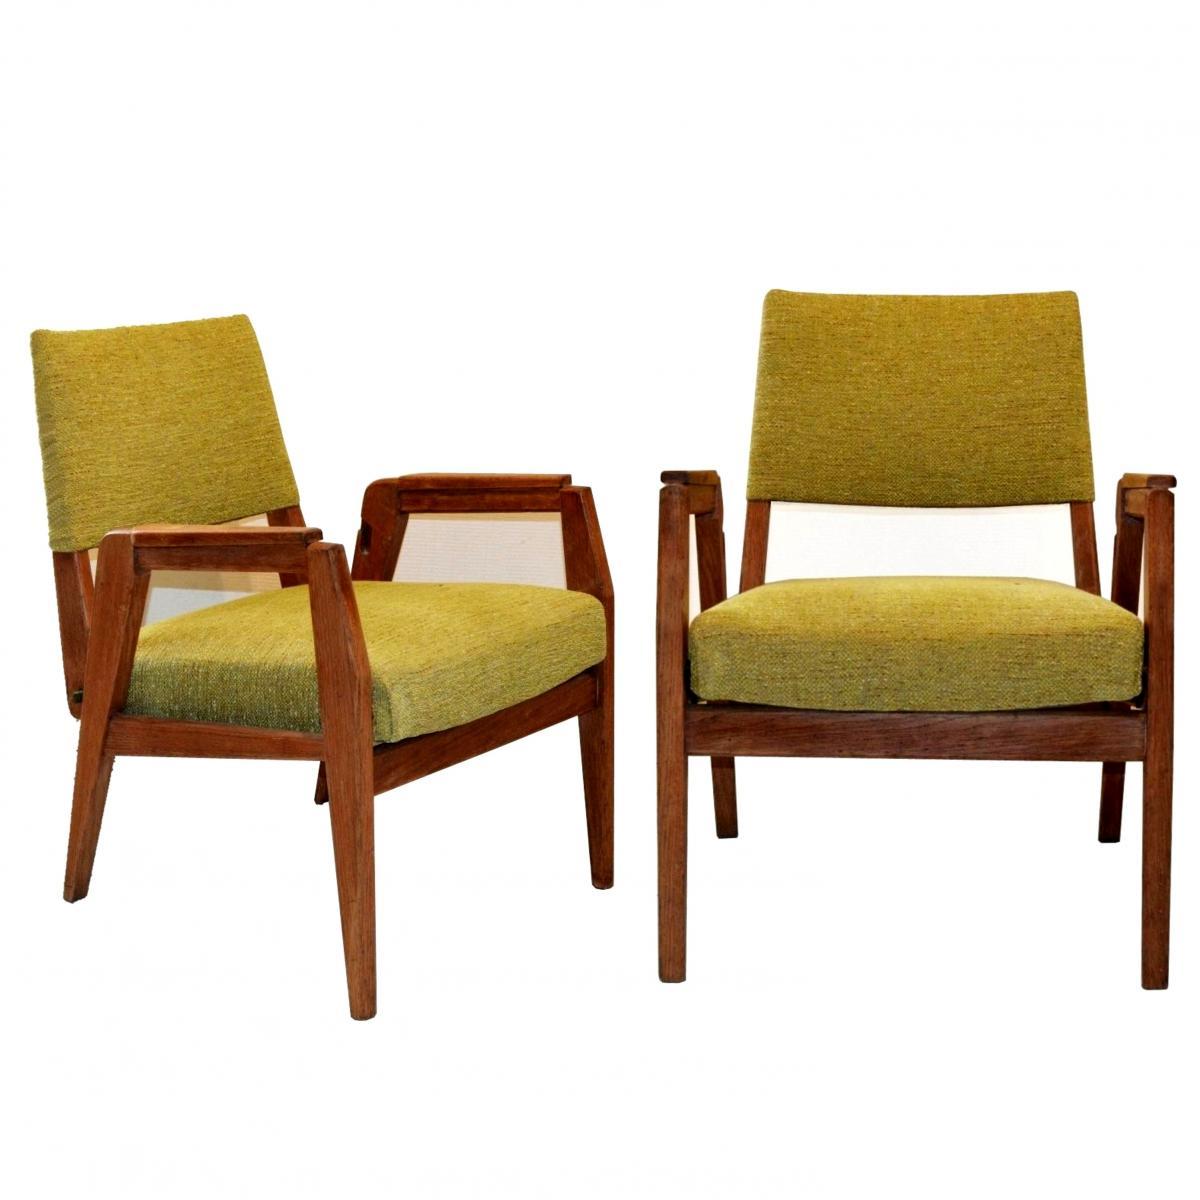 Paire de fauteuils design années 50 à hauteur réglable